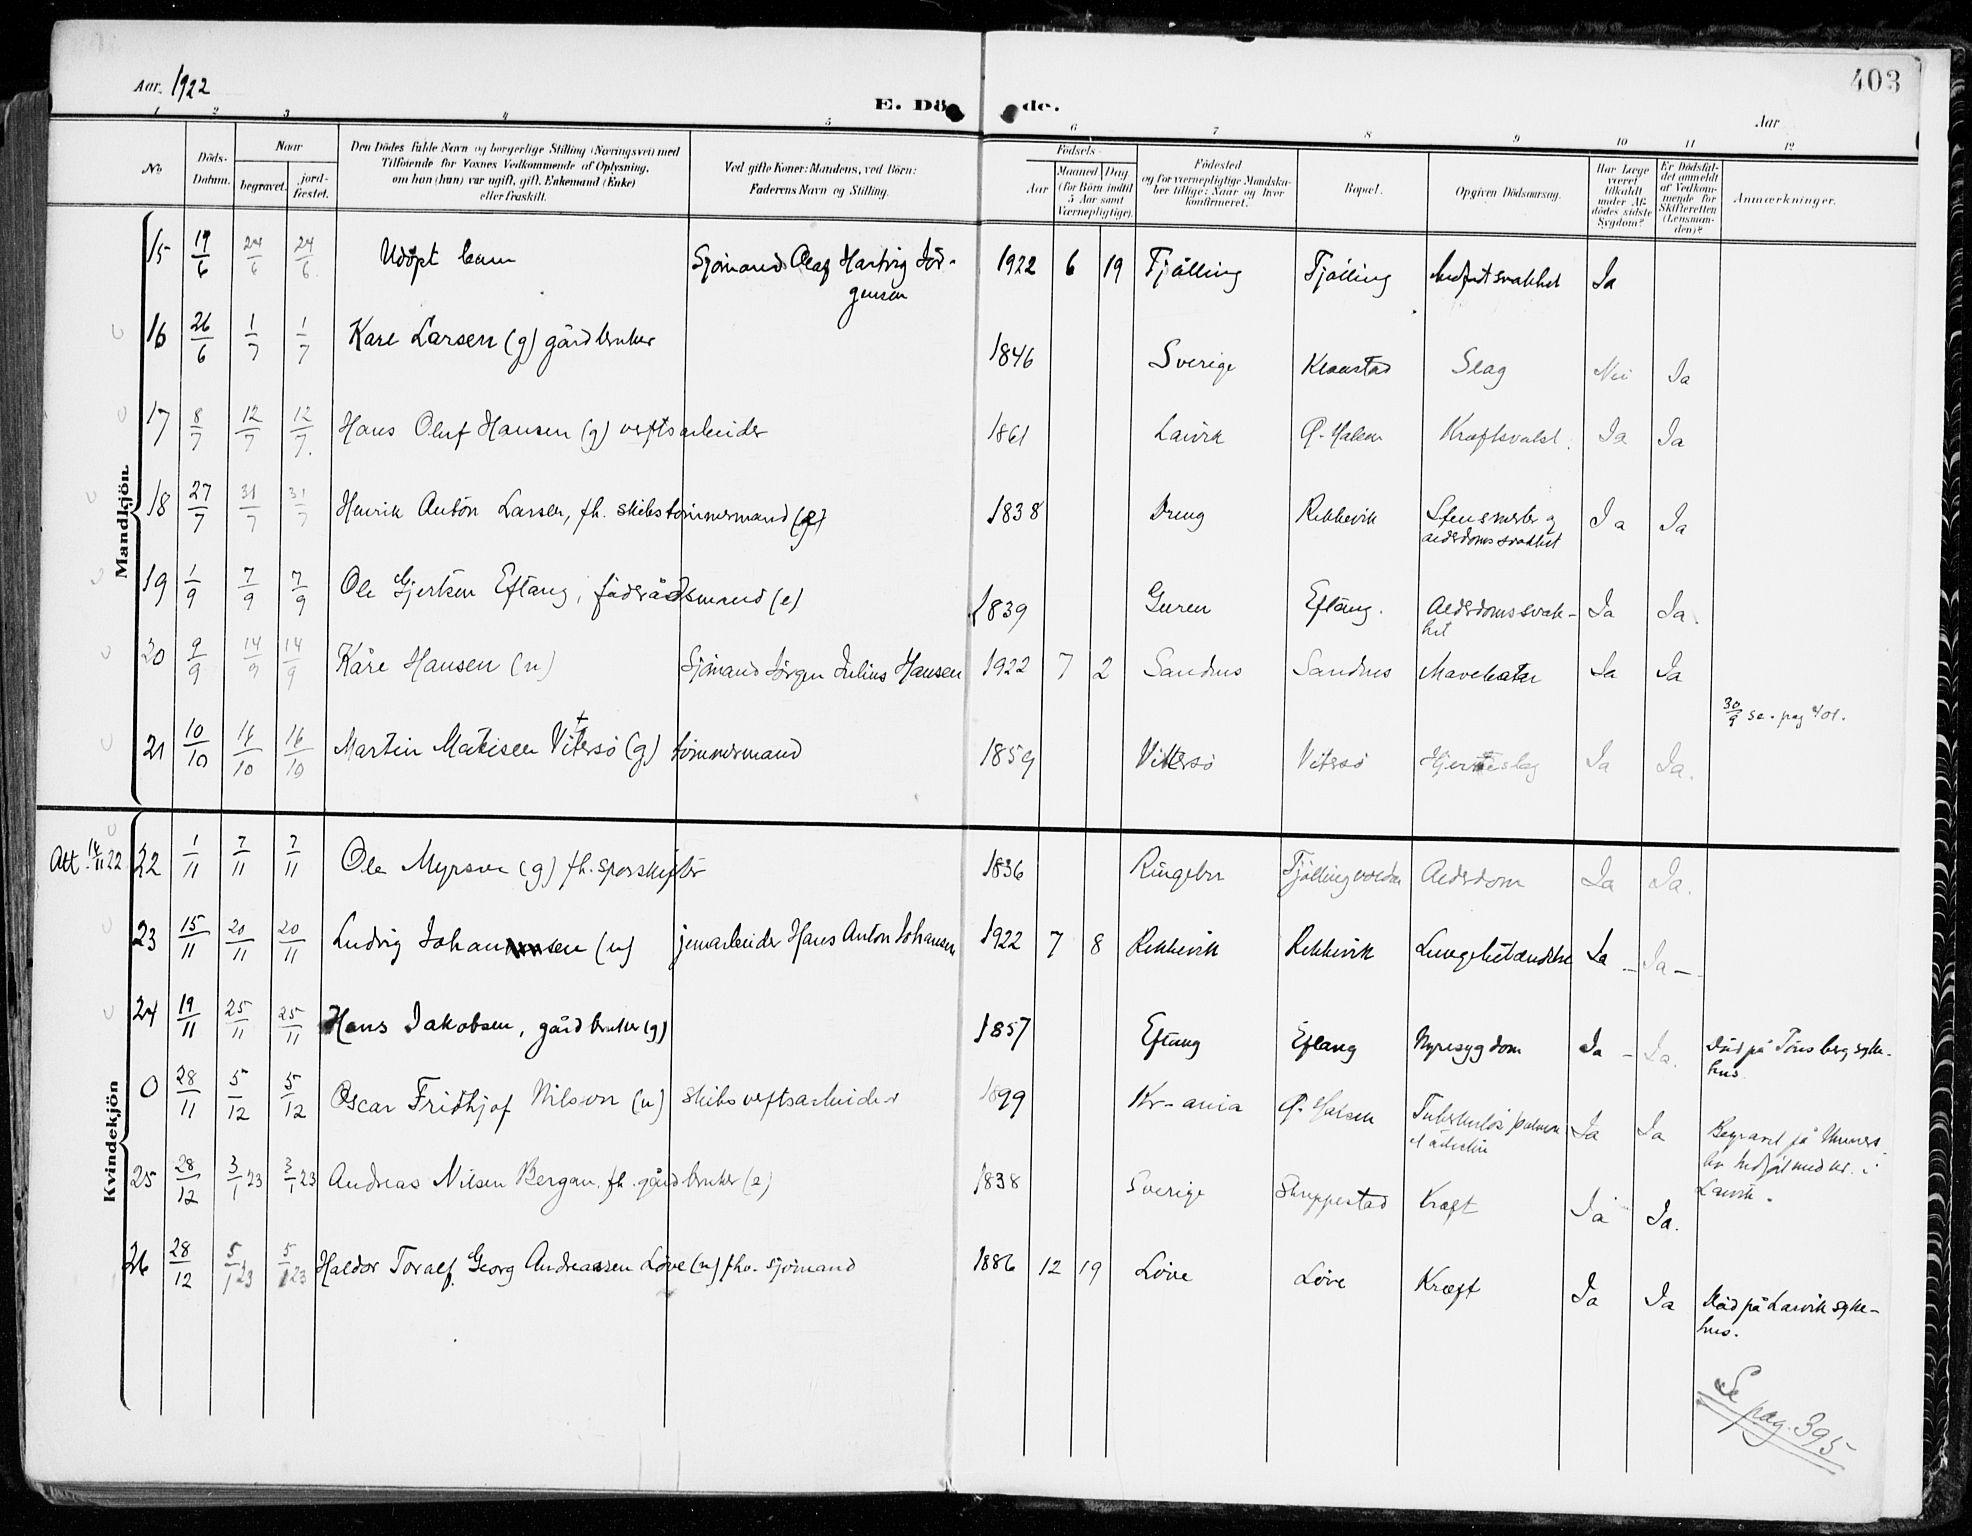 SAKO, Tjølling kirkebøker, F/Fa/L0010: Ministerialbok nr. 10, 1906-1923, s. 403